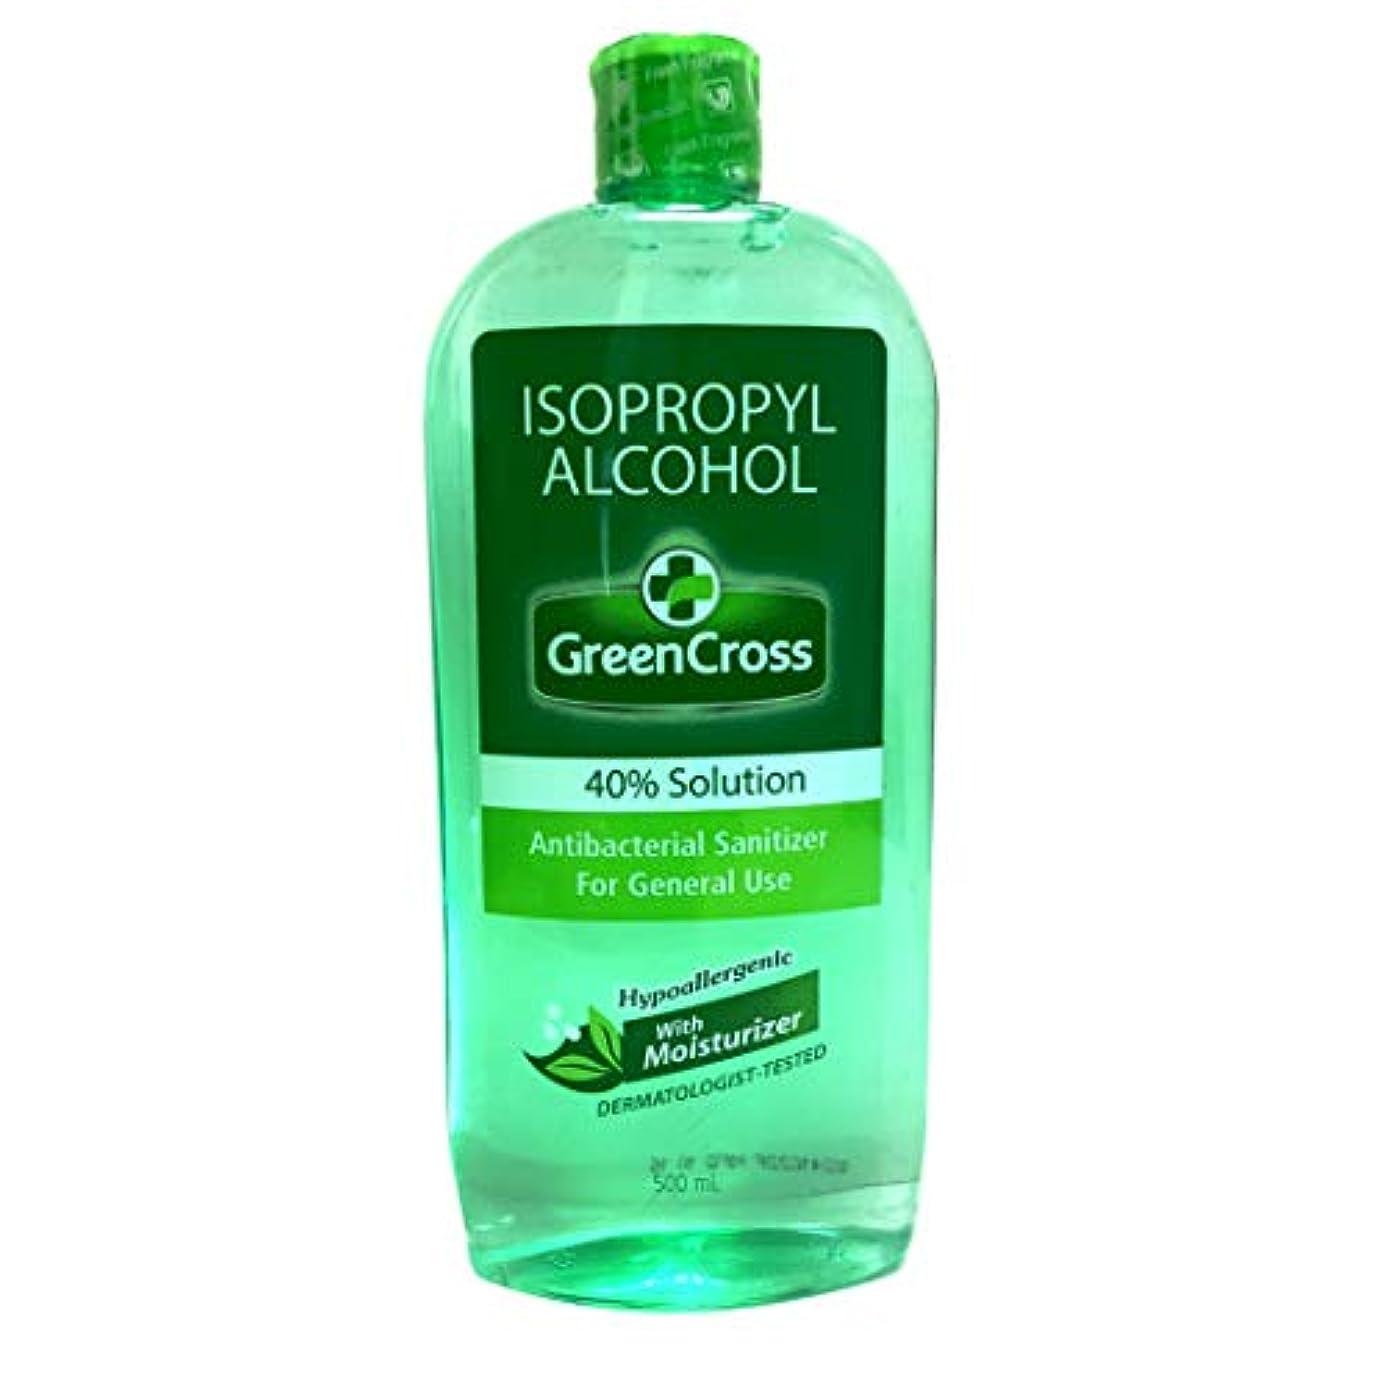 受け皿先見の明子犬GREEN CROSS with Moisturizer Rubbing  ALCOHOL 40% 500ml グリーンクロス ウィズ モイスチャー 手洗い用 アルコール